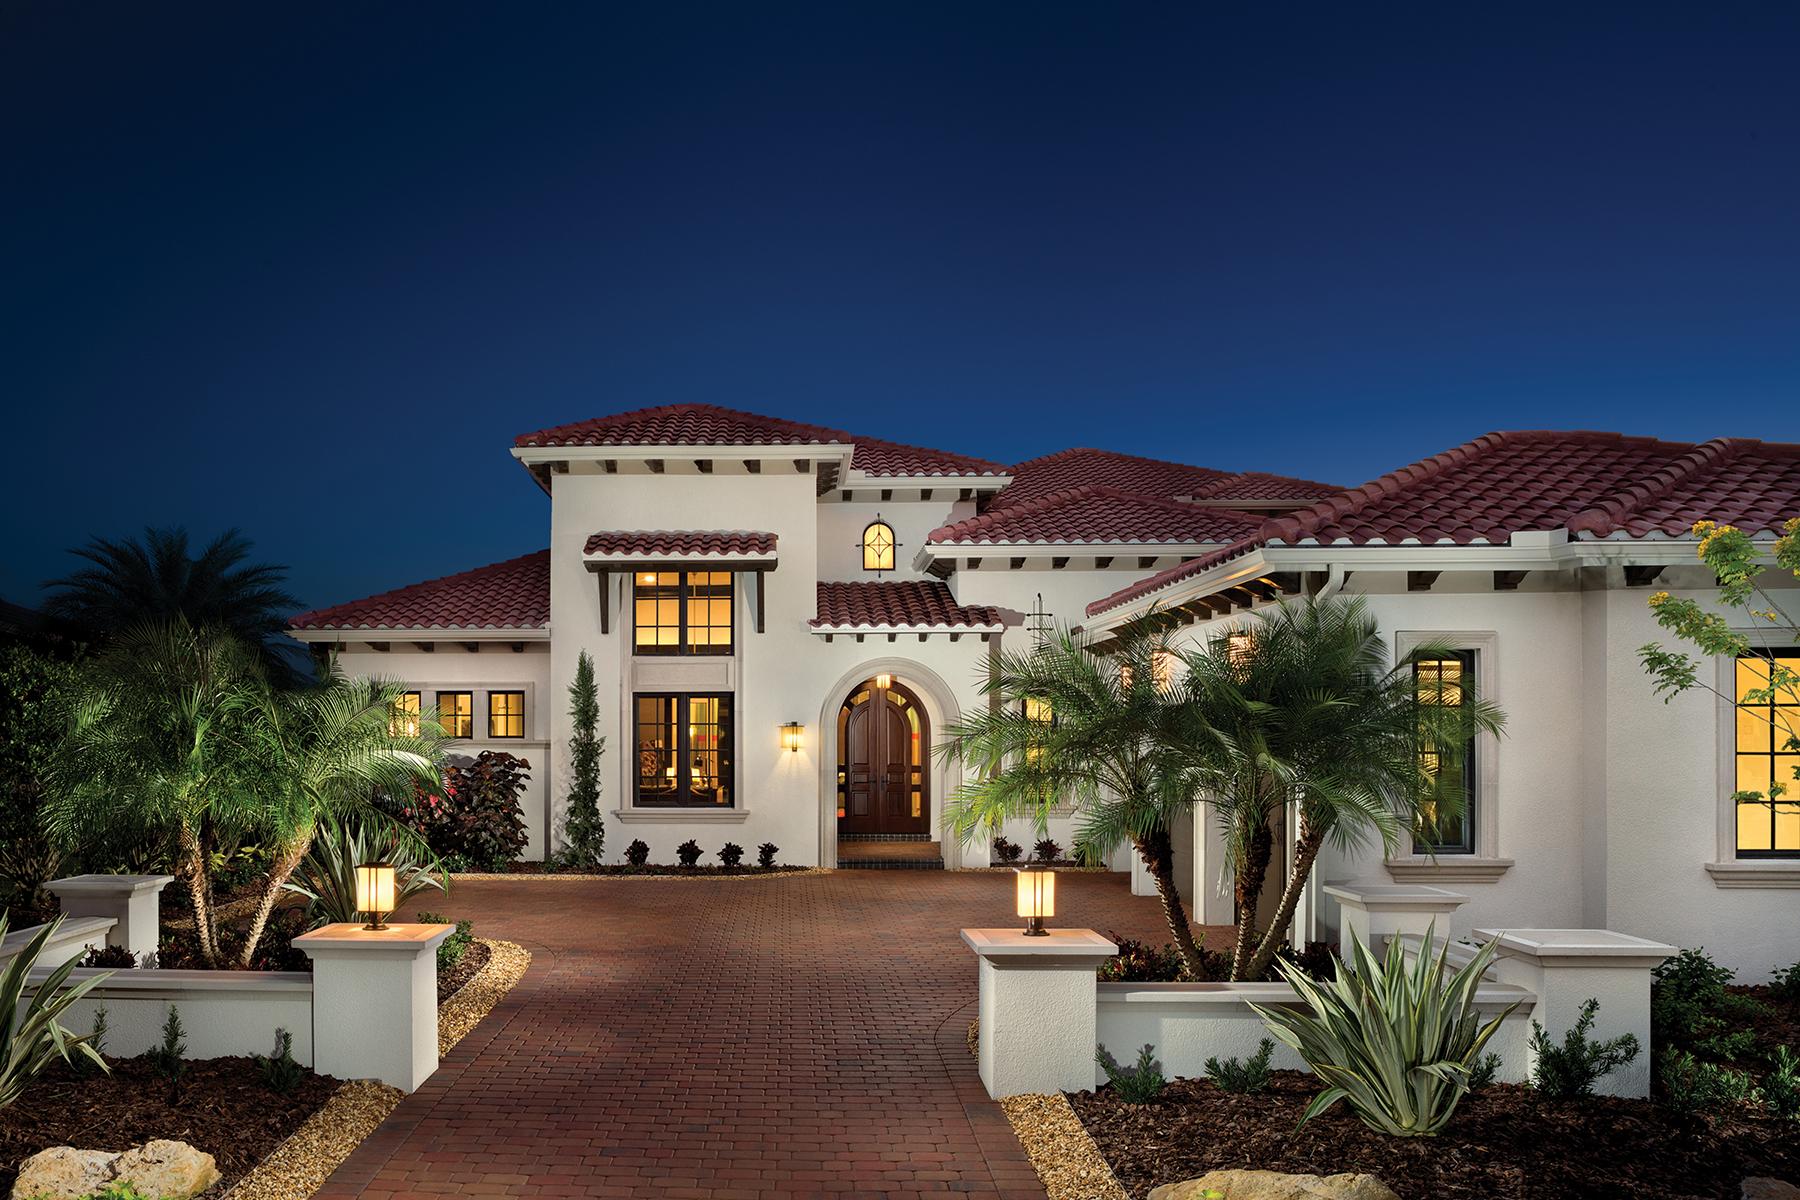 토지 용 매매 에 SIESTA KEY 3625 White Ln 8 Sarasota, 플로리다, 34242 미국